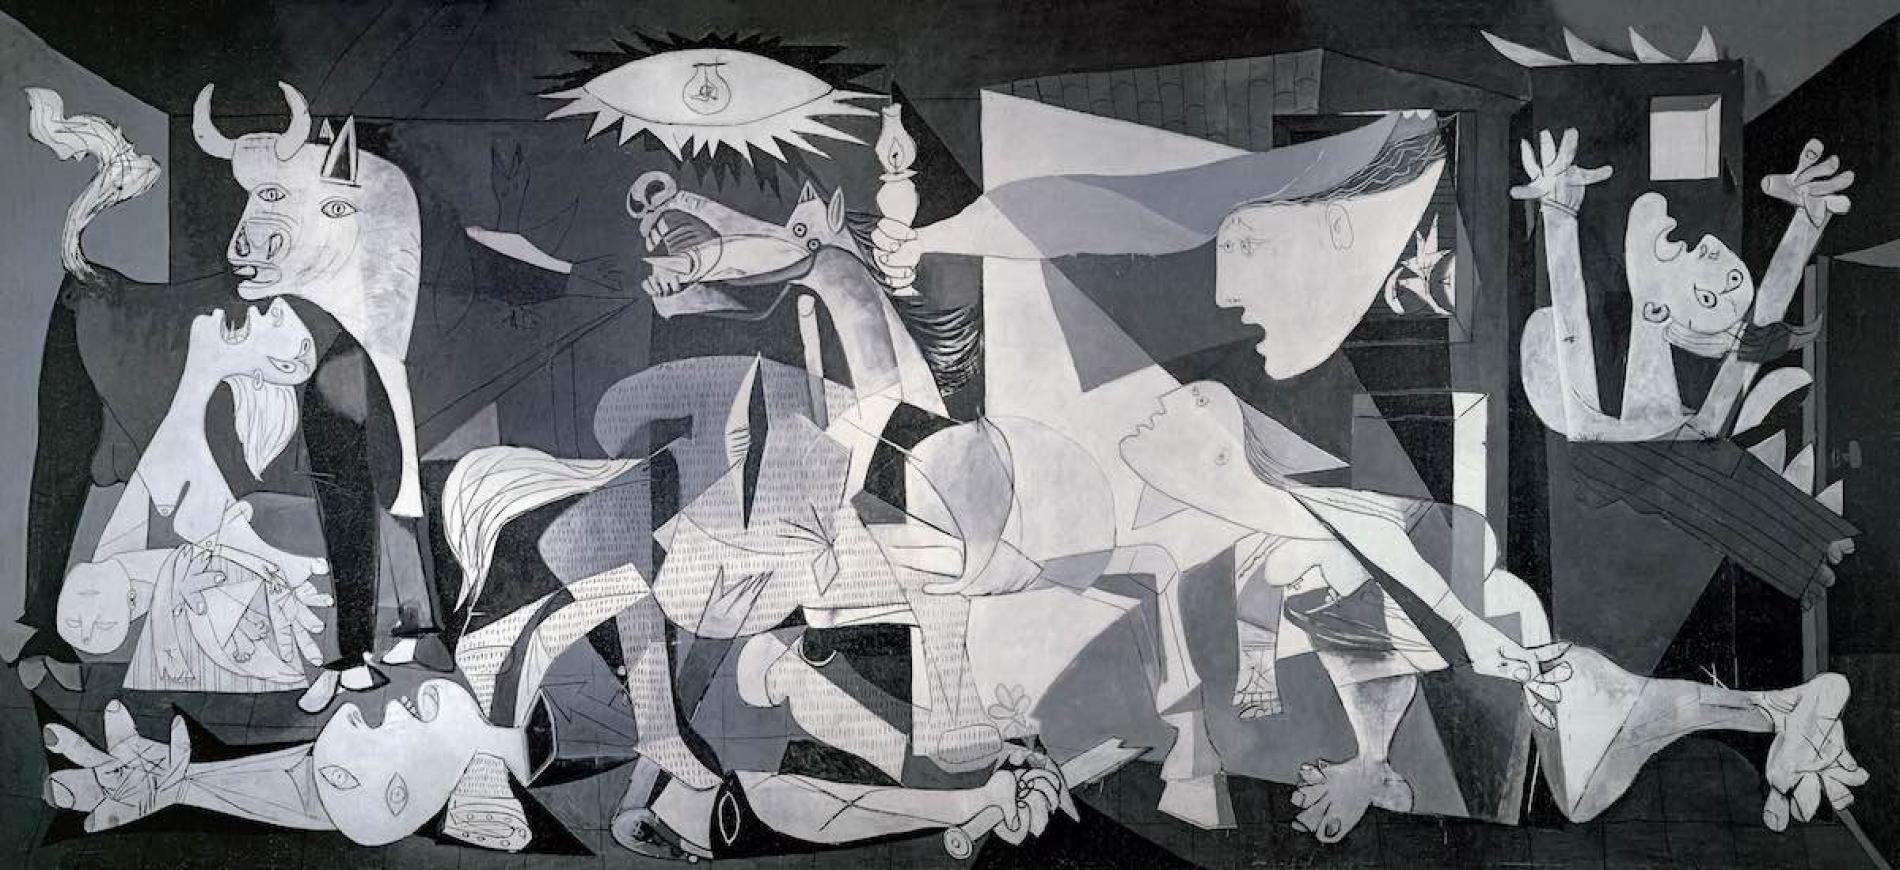 Sabotaggio a Guernica: questa la trama dell'ultimo capitolo della saga di spionaggio di Pérez-Reverte